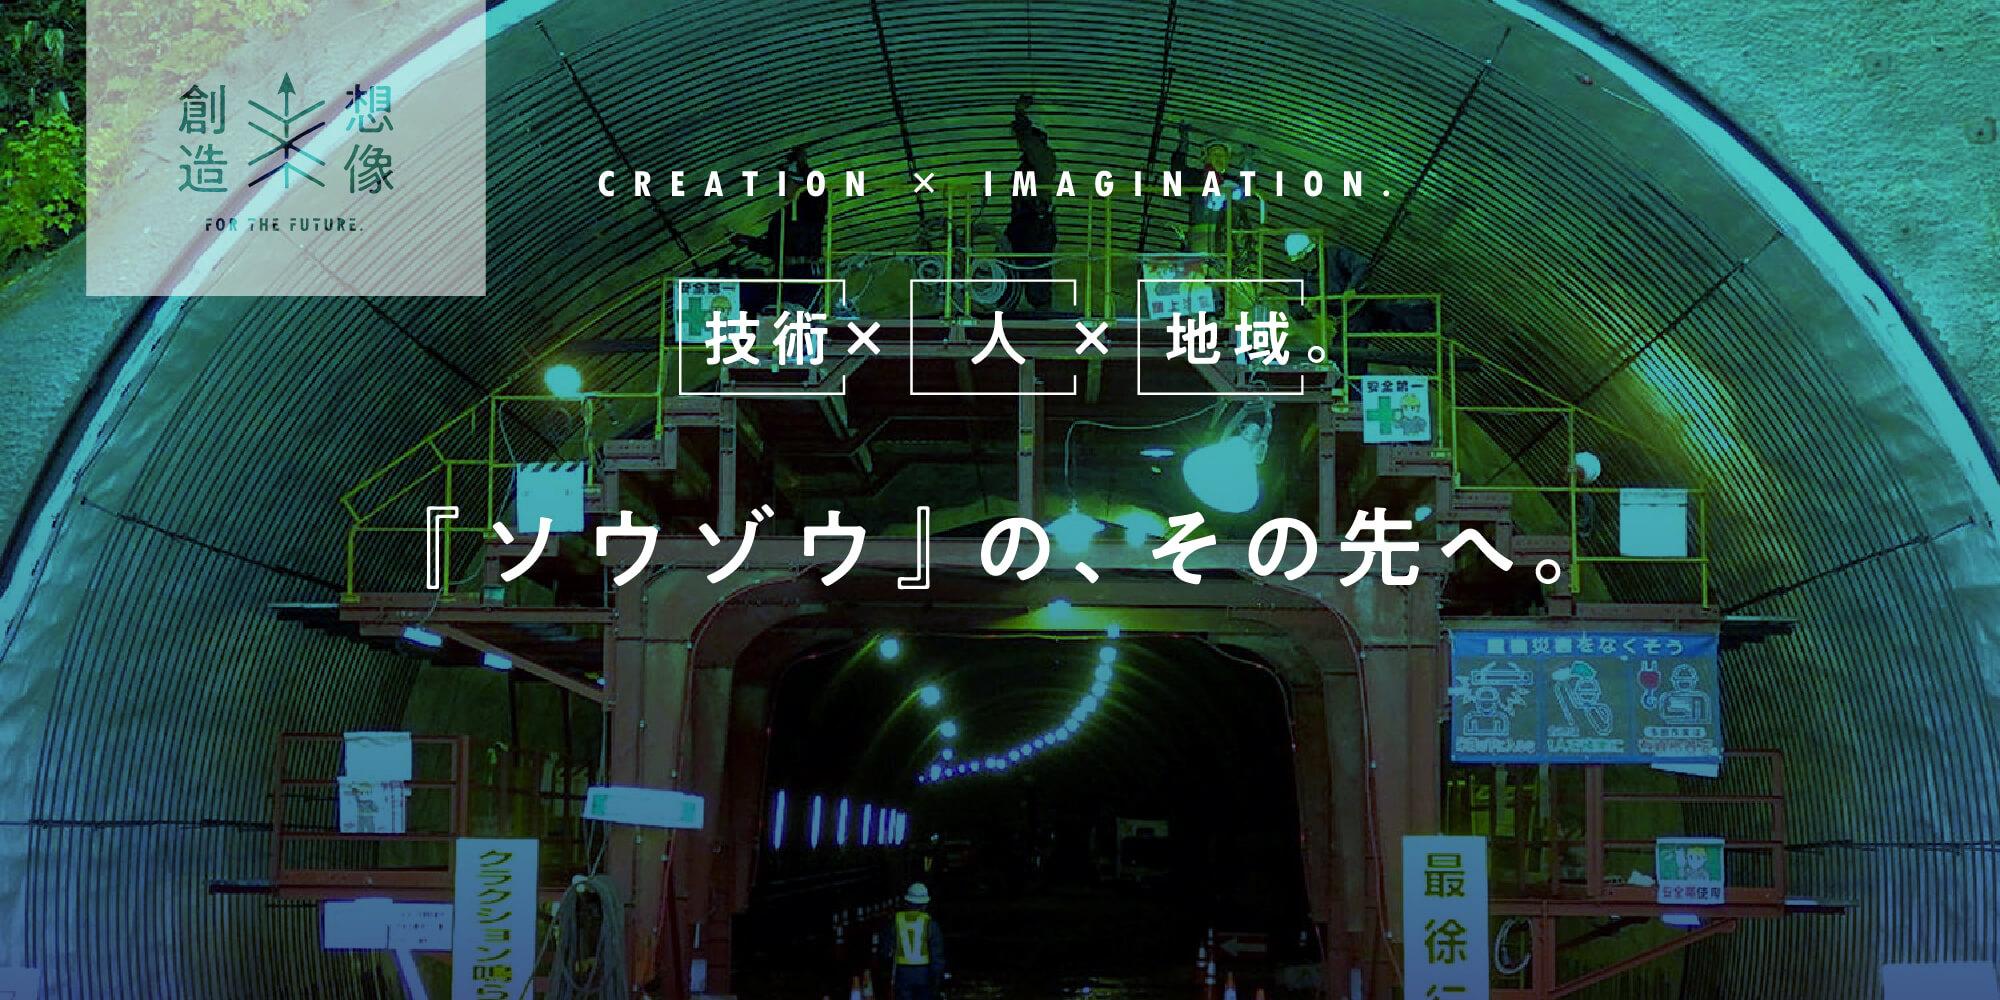 CREATION × IMAGINATION. 技術×人×地域。 『ソウゾウ』の、その先へ。